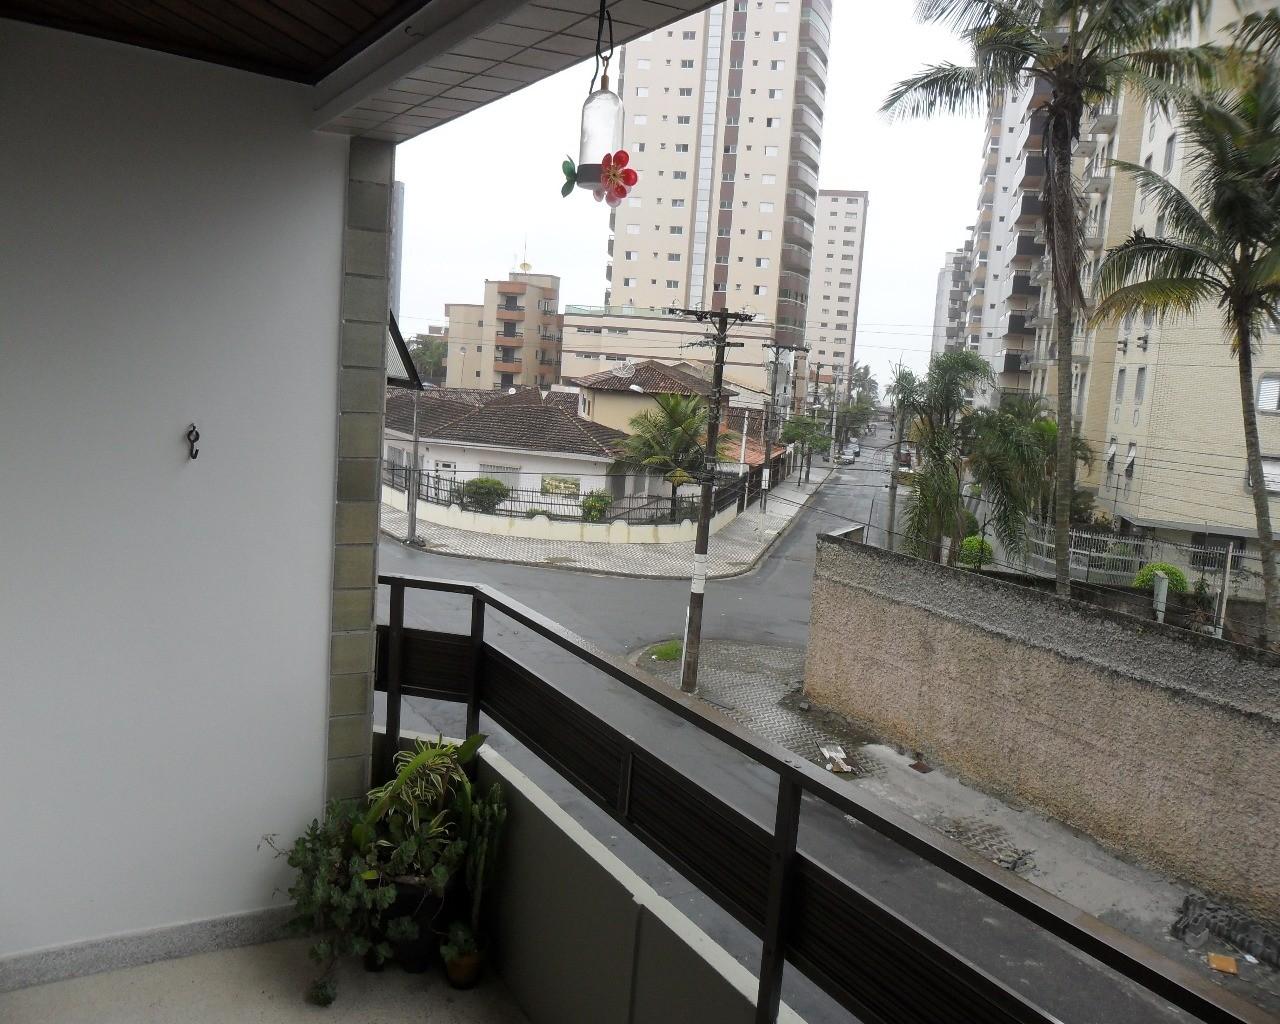 comprar ou alugar apartamento no bairro vila caiçara-praia grande na cidade de são paulo-sp